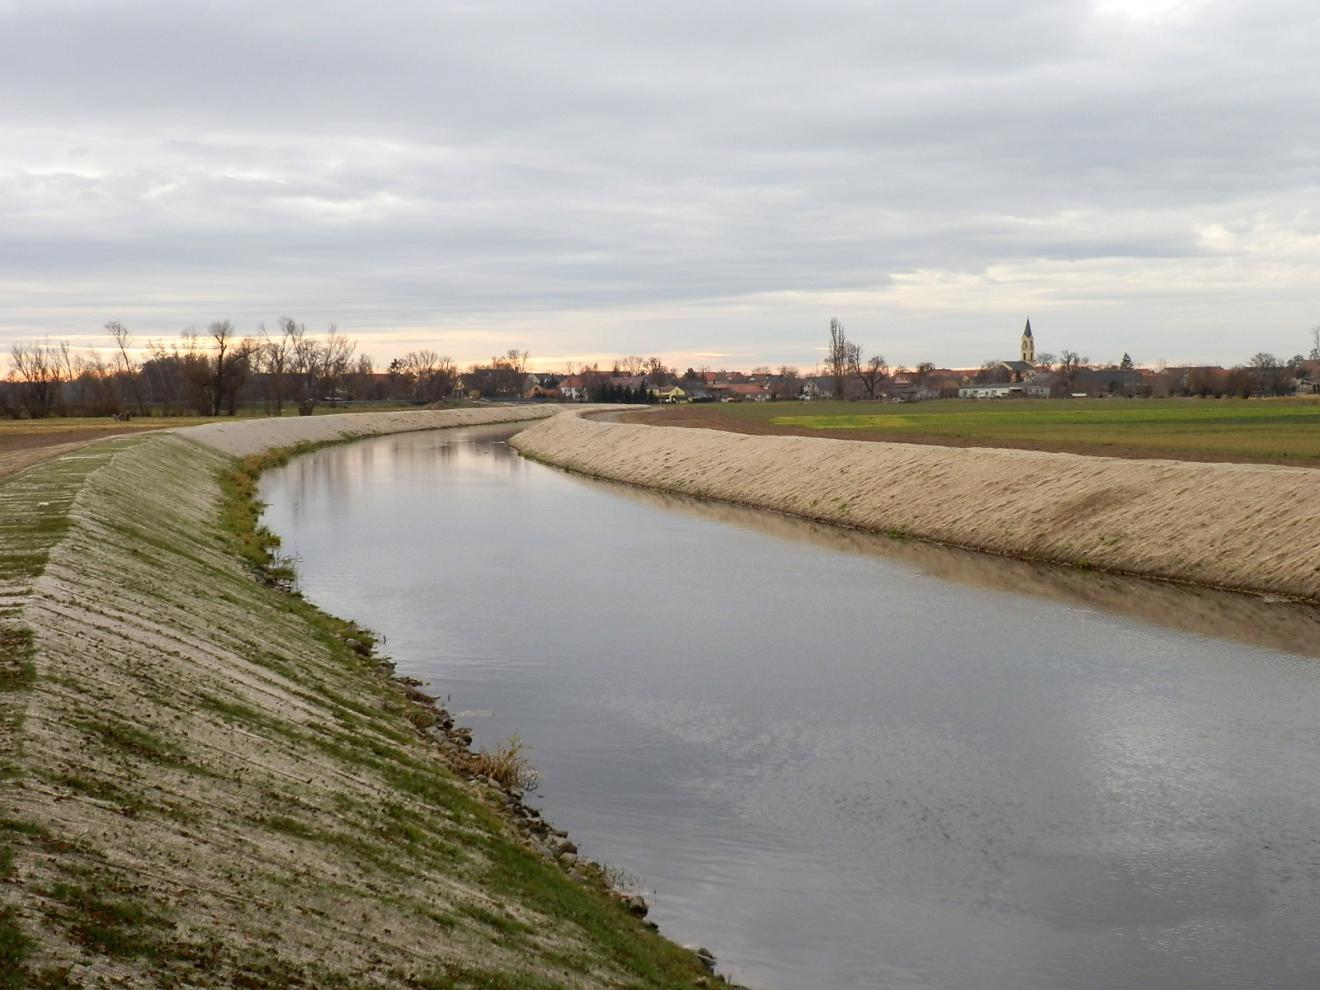 Deichsanierungsmaßnahmen nach Hochwasser 09/2010 im Rödergebiet aufgrund Gefahr in Verzug bei neuerlichem Hochwasser Große Röder - Abschnitt GRL 3